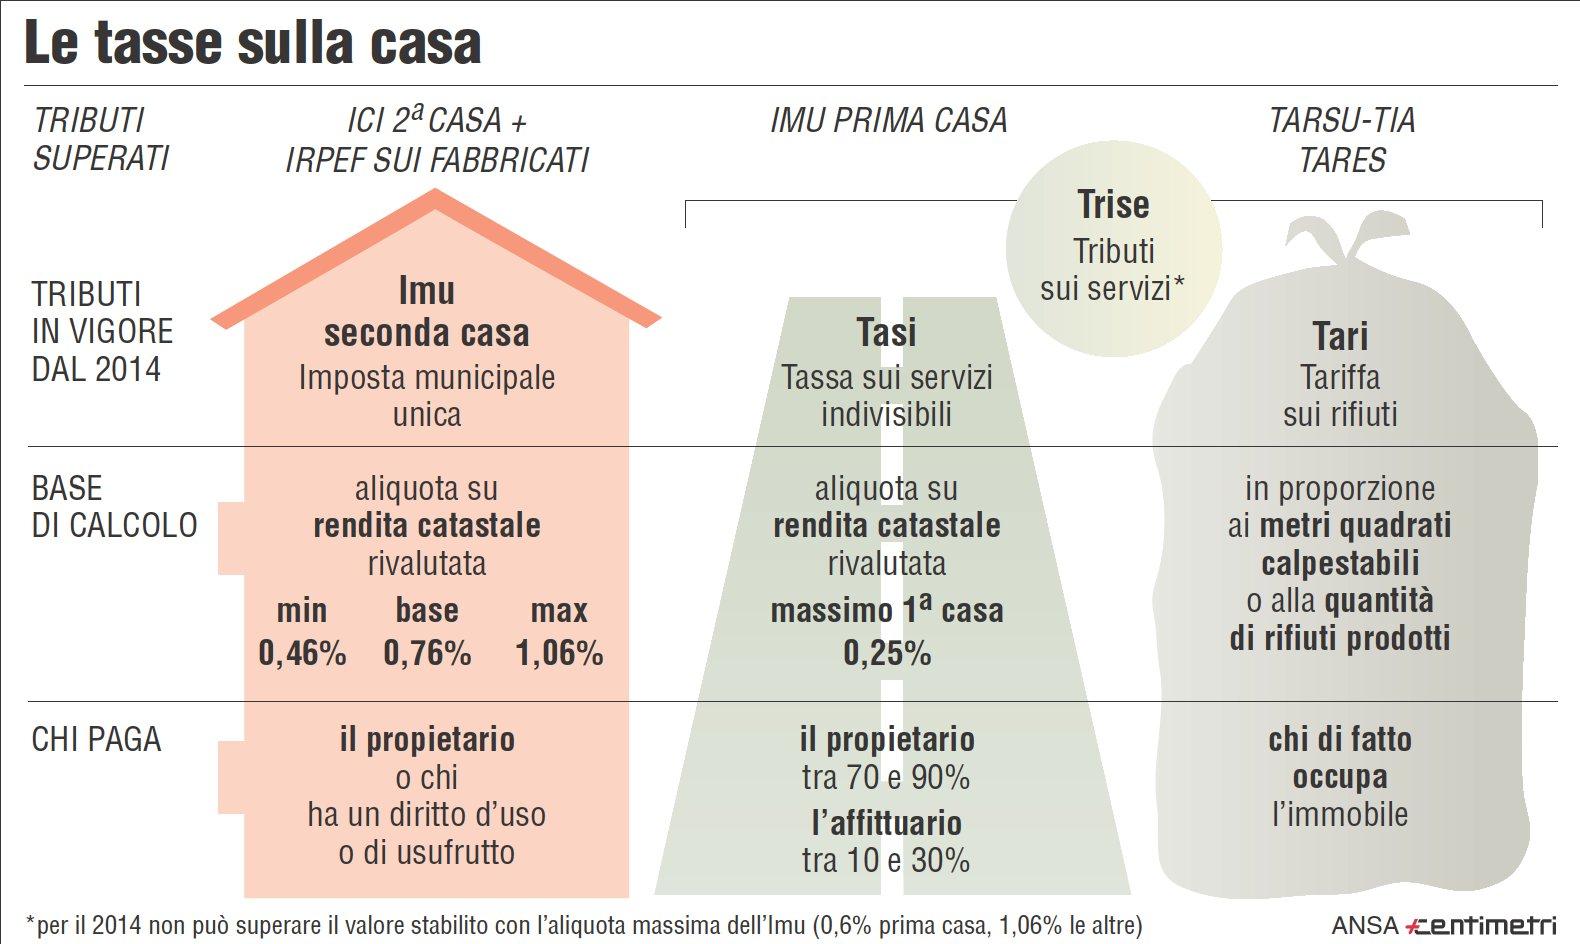 Casa moderna roma italy quanto si paga di imu - Come si calcola l imu sulla seconda casa ...